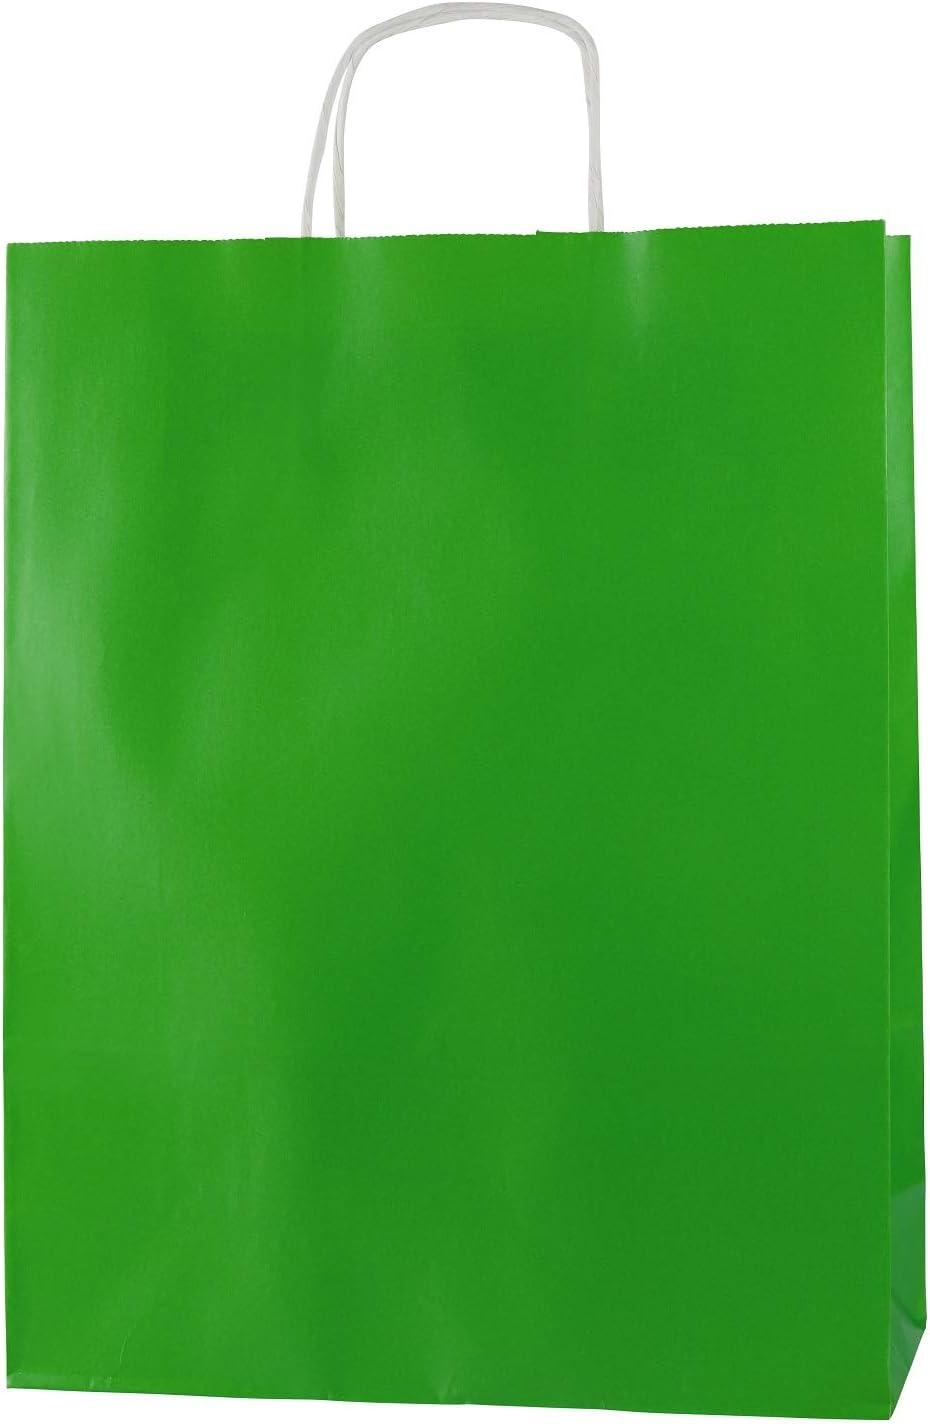 Taille 250x110x310mm 50 sacs en papier qualit/é premium avec poign/ées Rouge